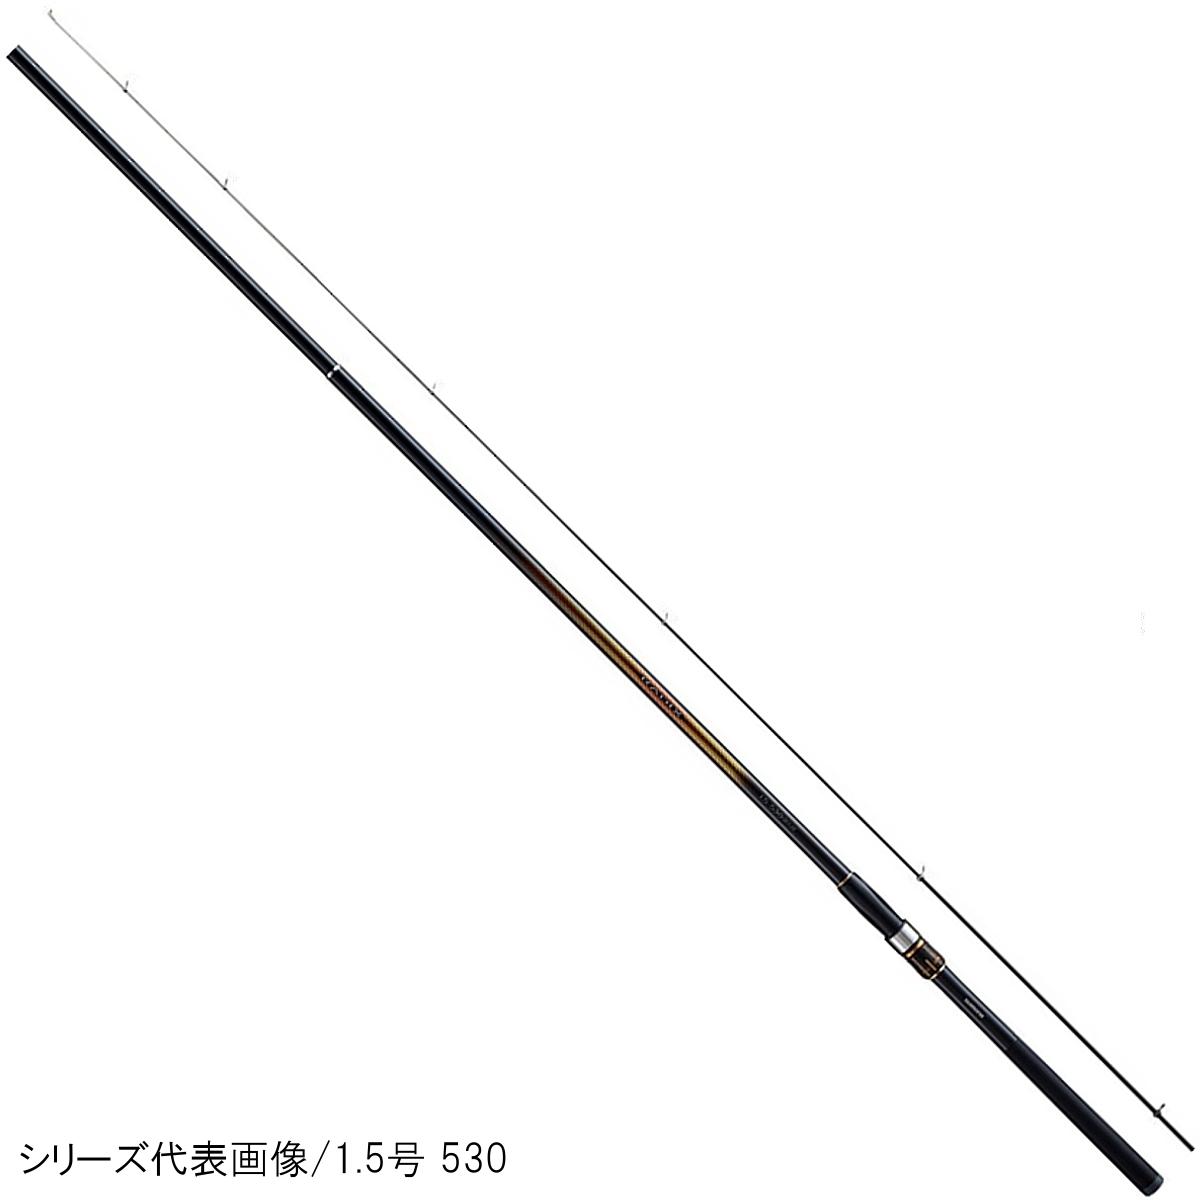 シマノ ラディックス 1.7号 530(東日本店)